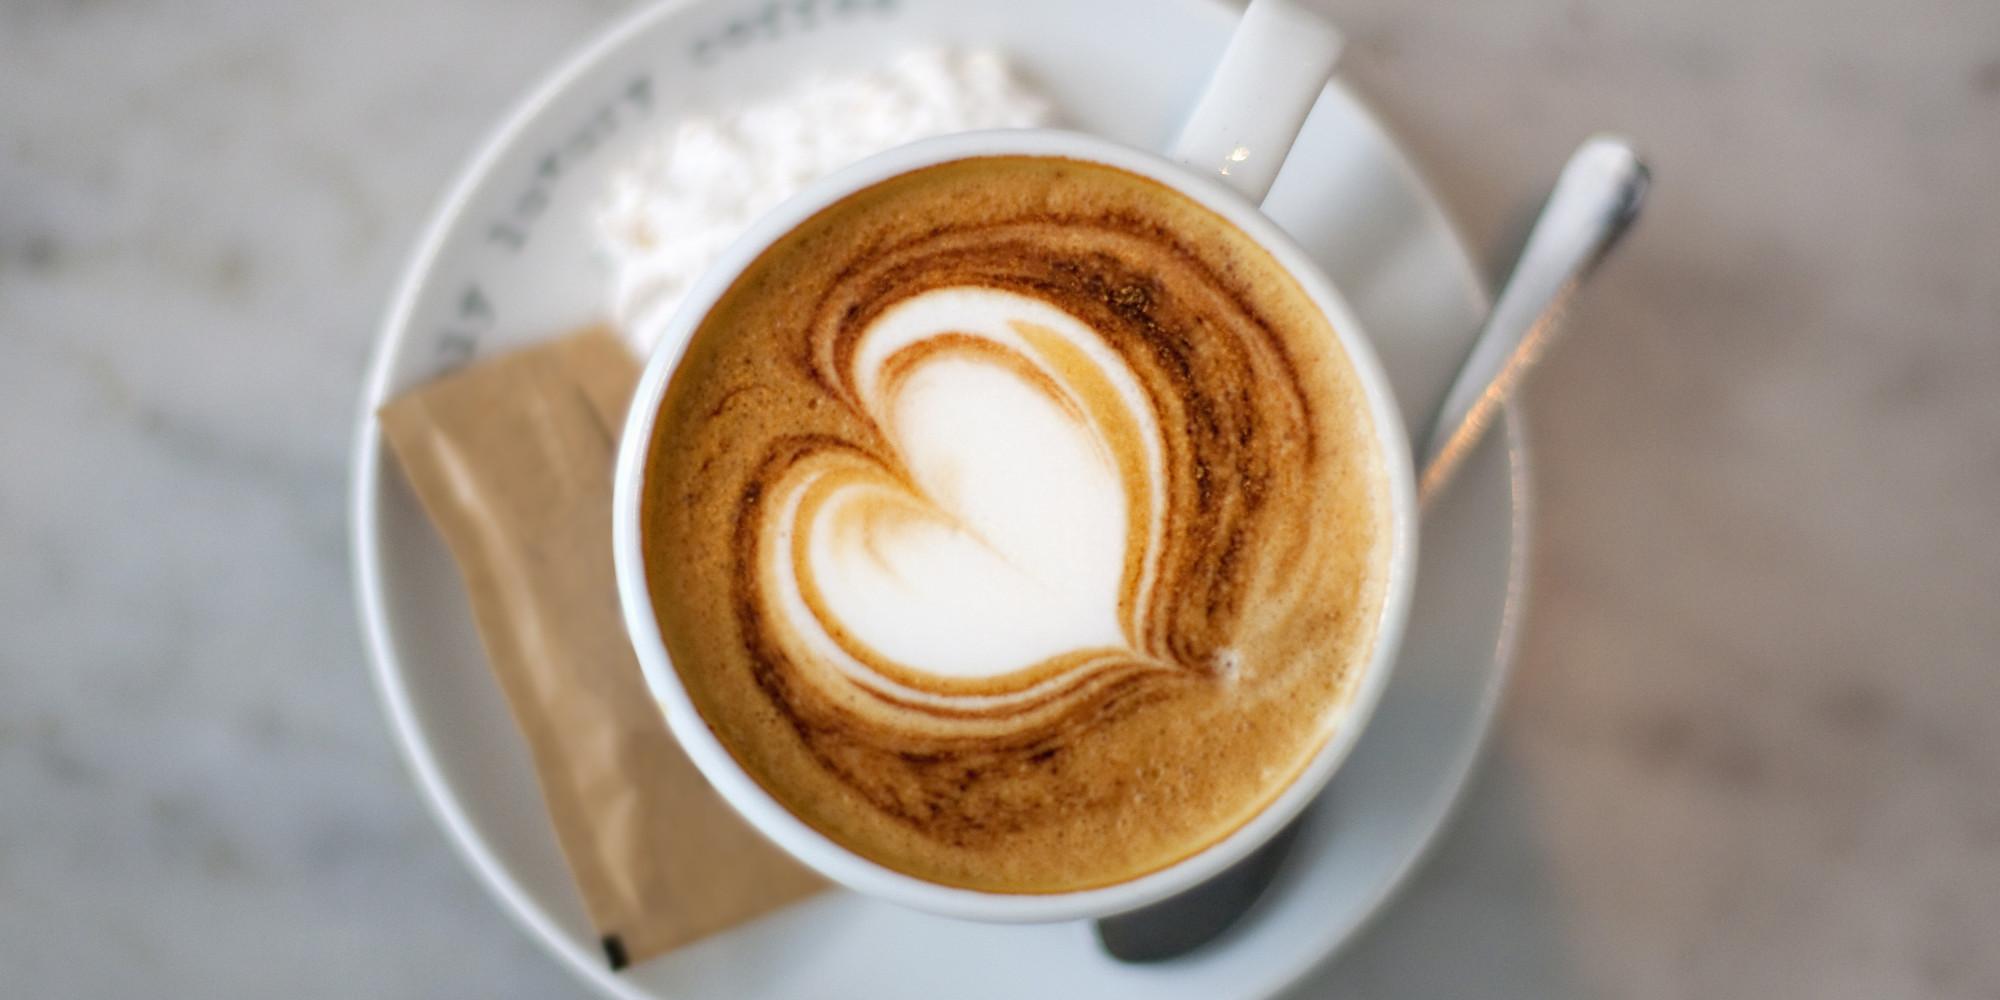 Kết quả hình ảnh cho cappuccino